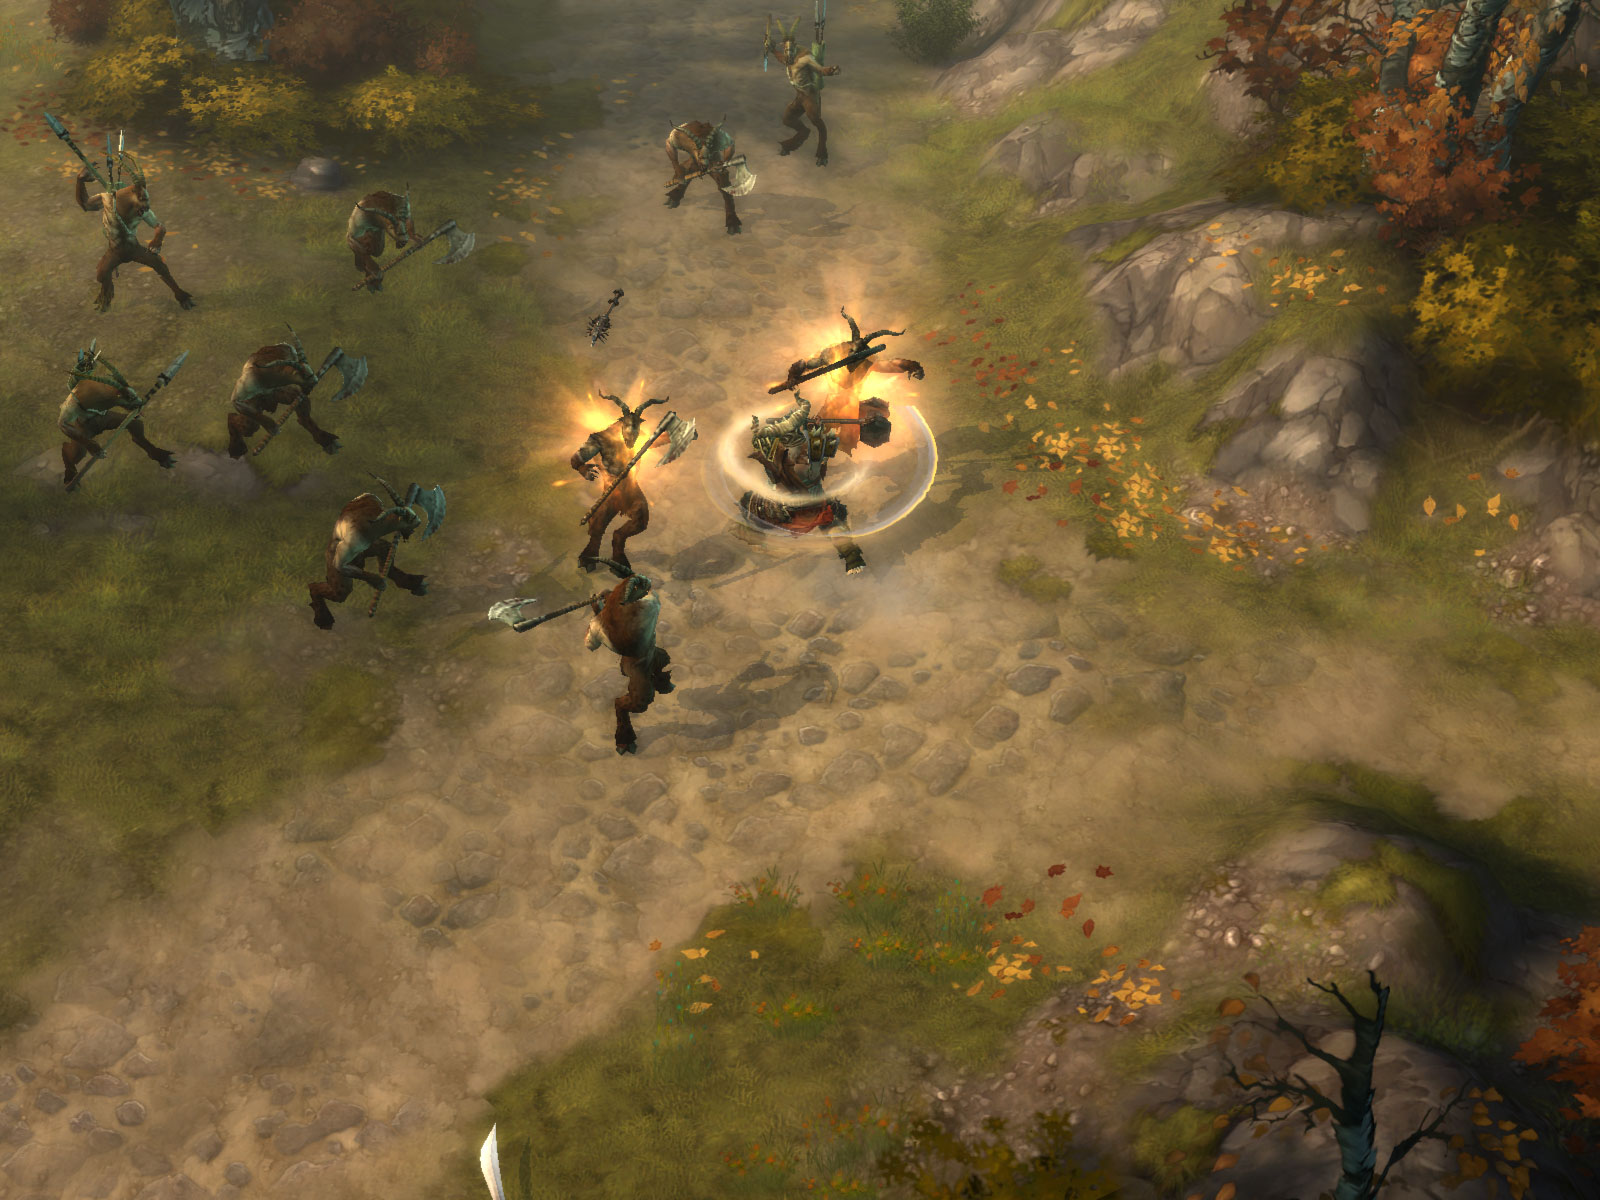 Diablo 3 xbox 360 nudepatch baixar sex scenes